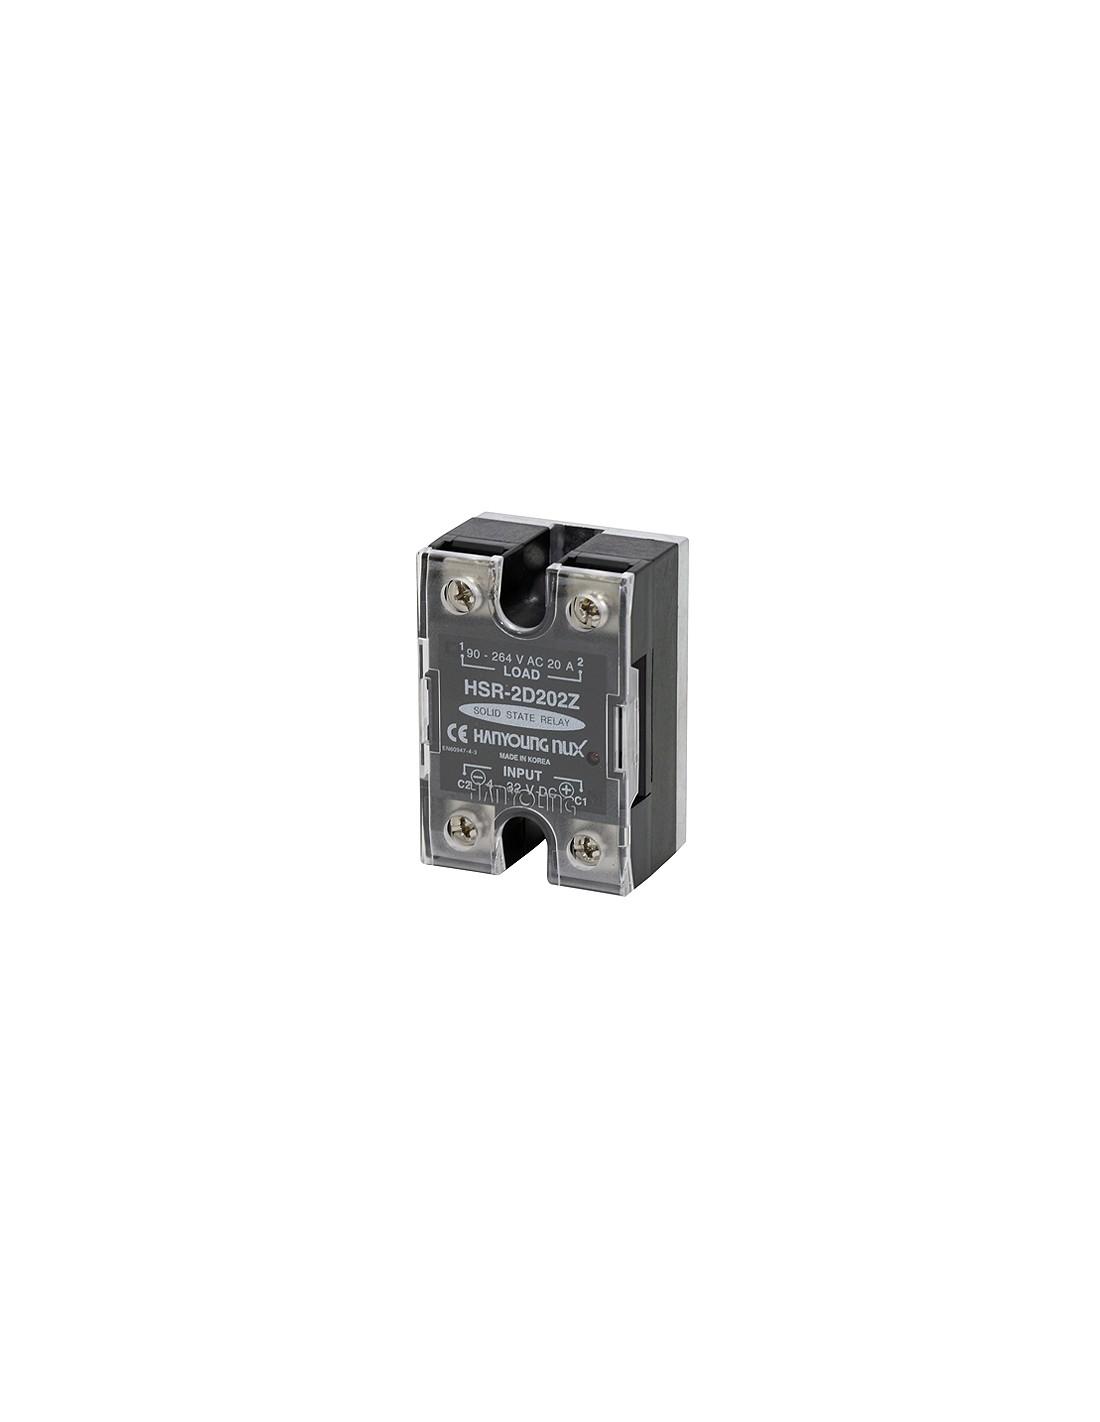 Siemens 3tf 3ts3611 0al2 45a 3p Contactor Sales Price